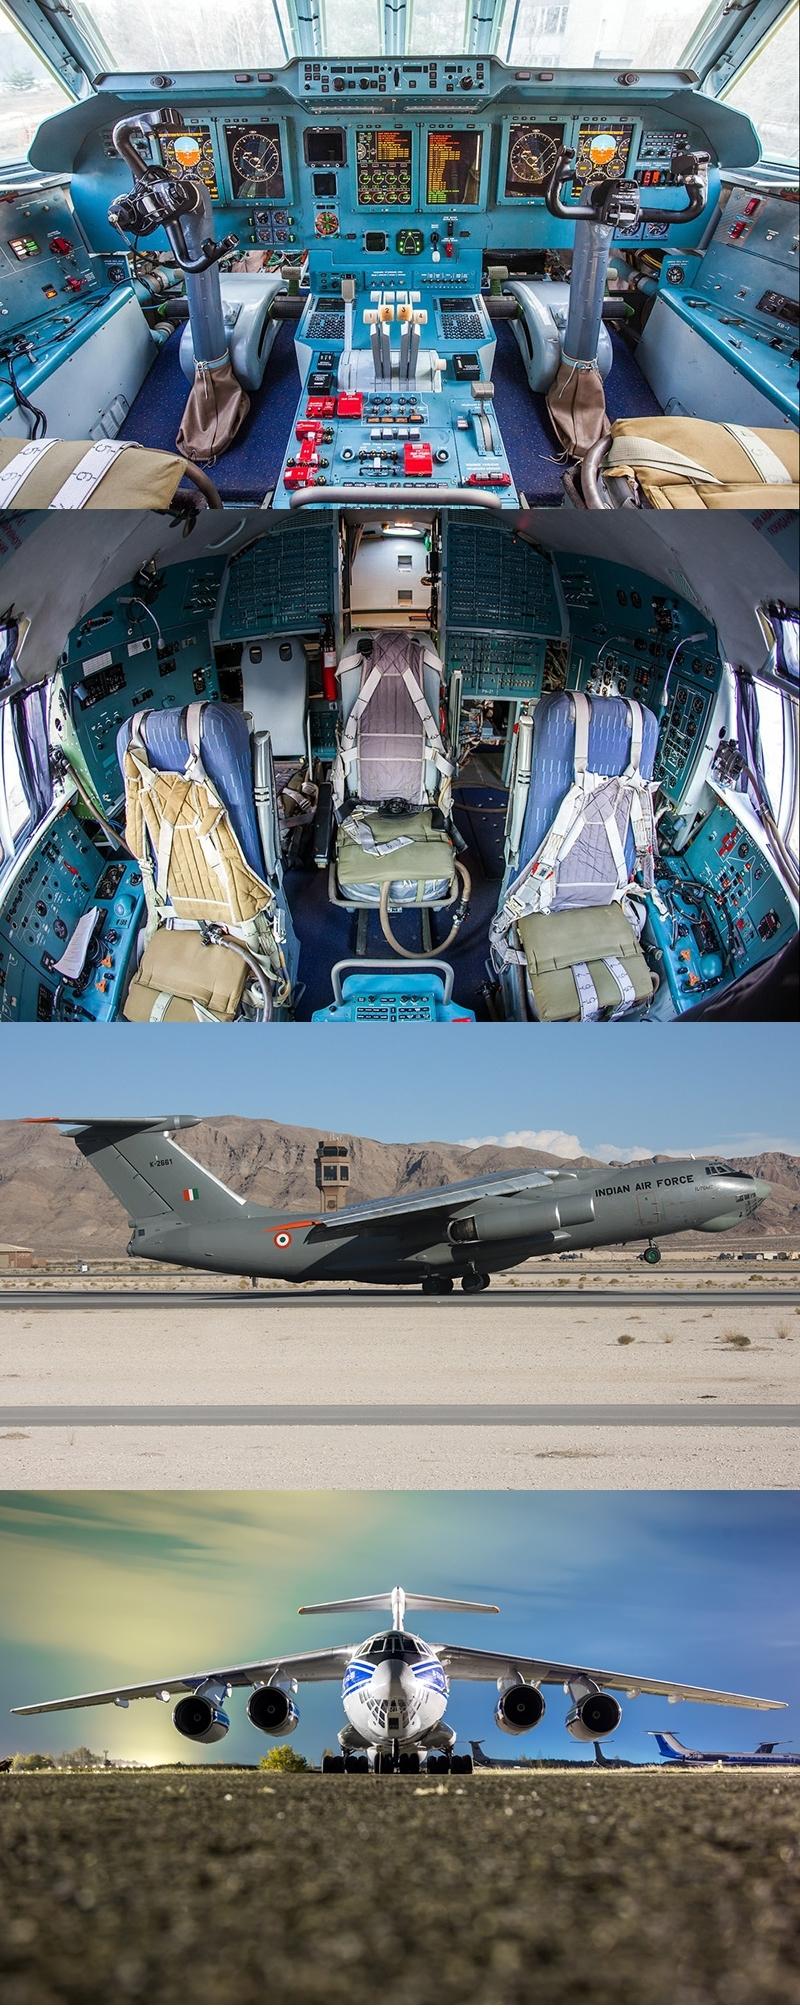 Обои Самолёт, Il-76, ВВС Украины, Ильюшин, Военно-транспортный. Авиация foto 16